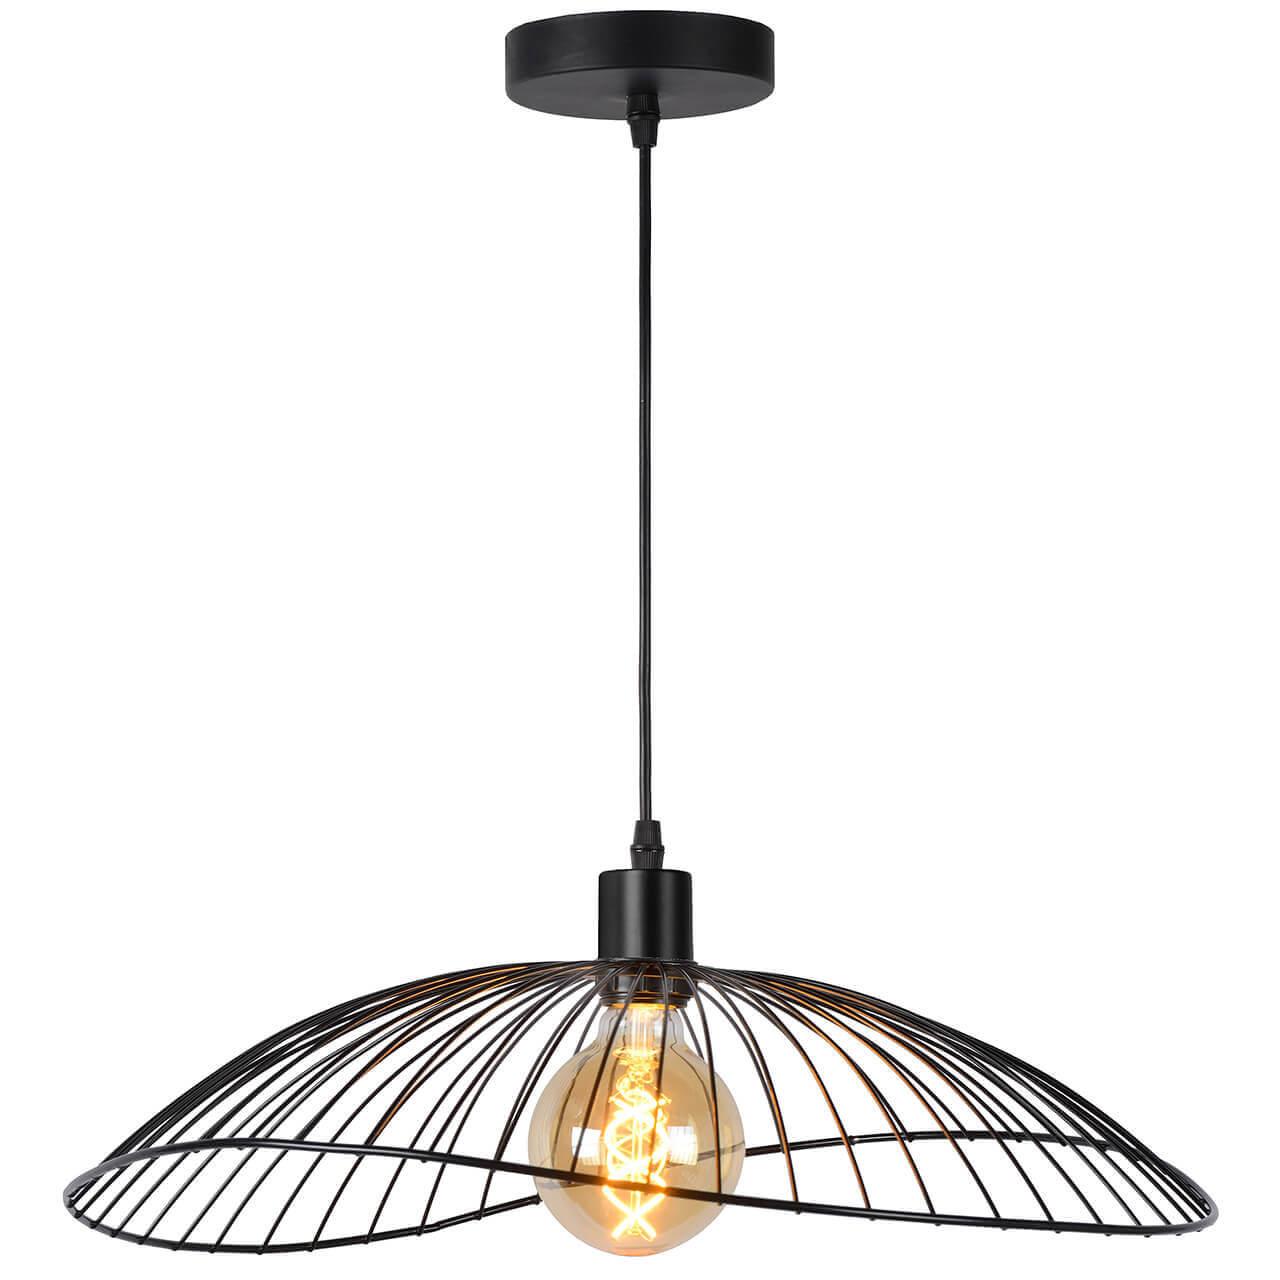 Светильник подвесной Toplight Agnes TL1196H-01BK светильник подвесной toplight laurel tl1201h 01bk